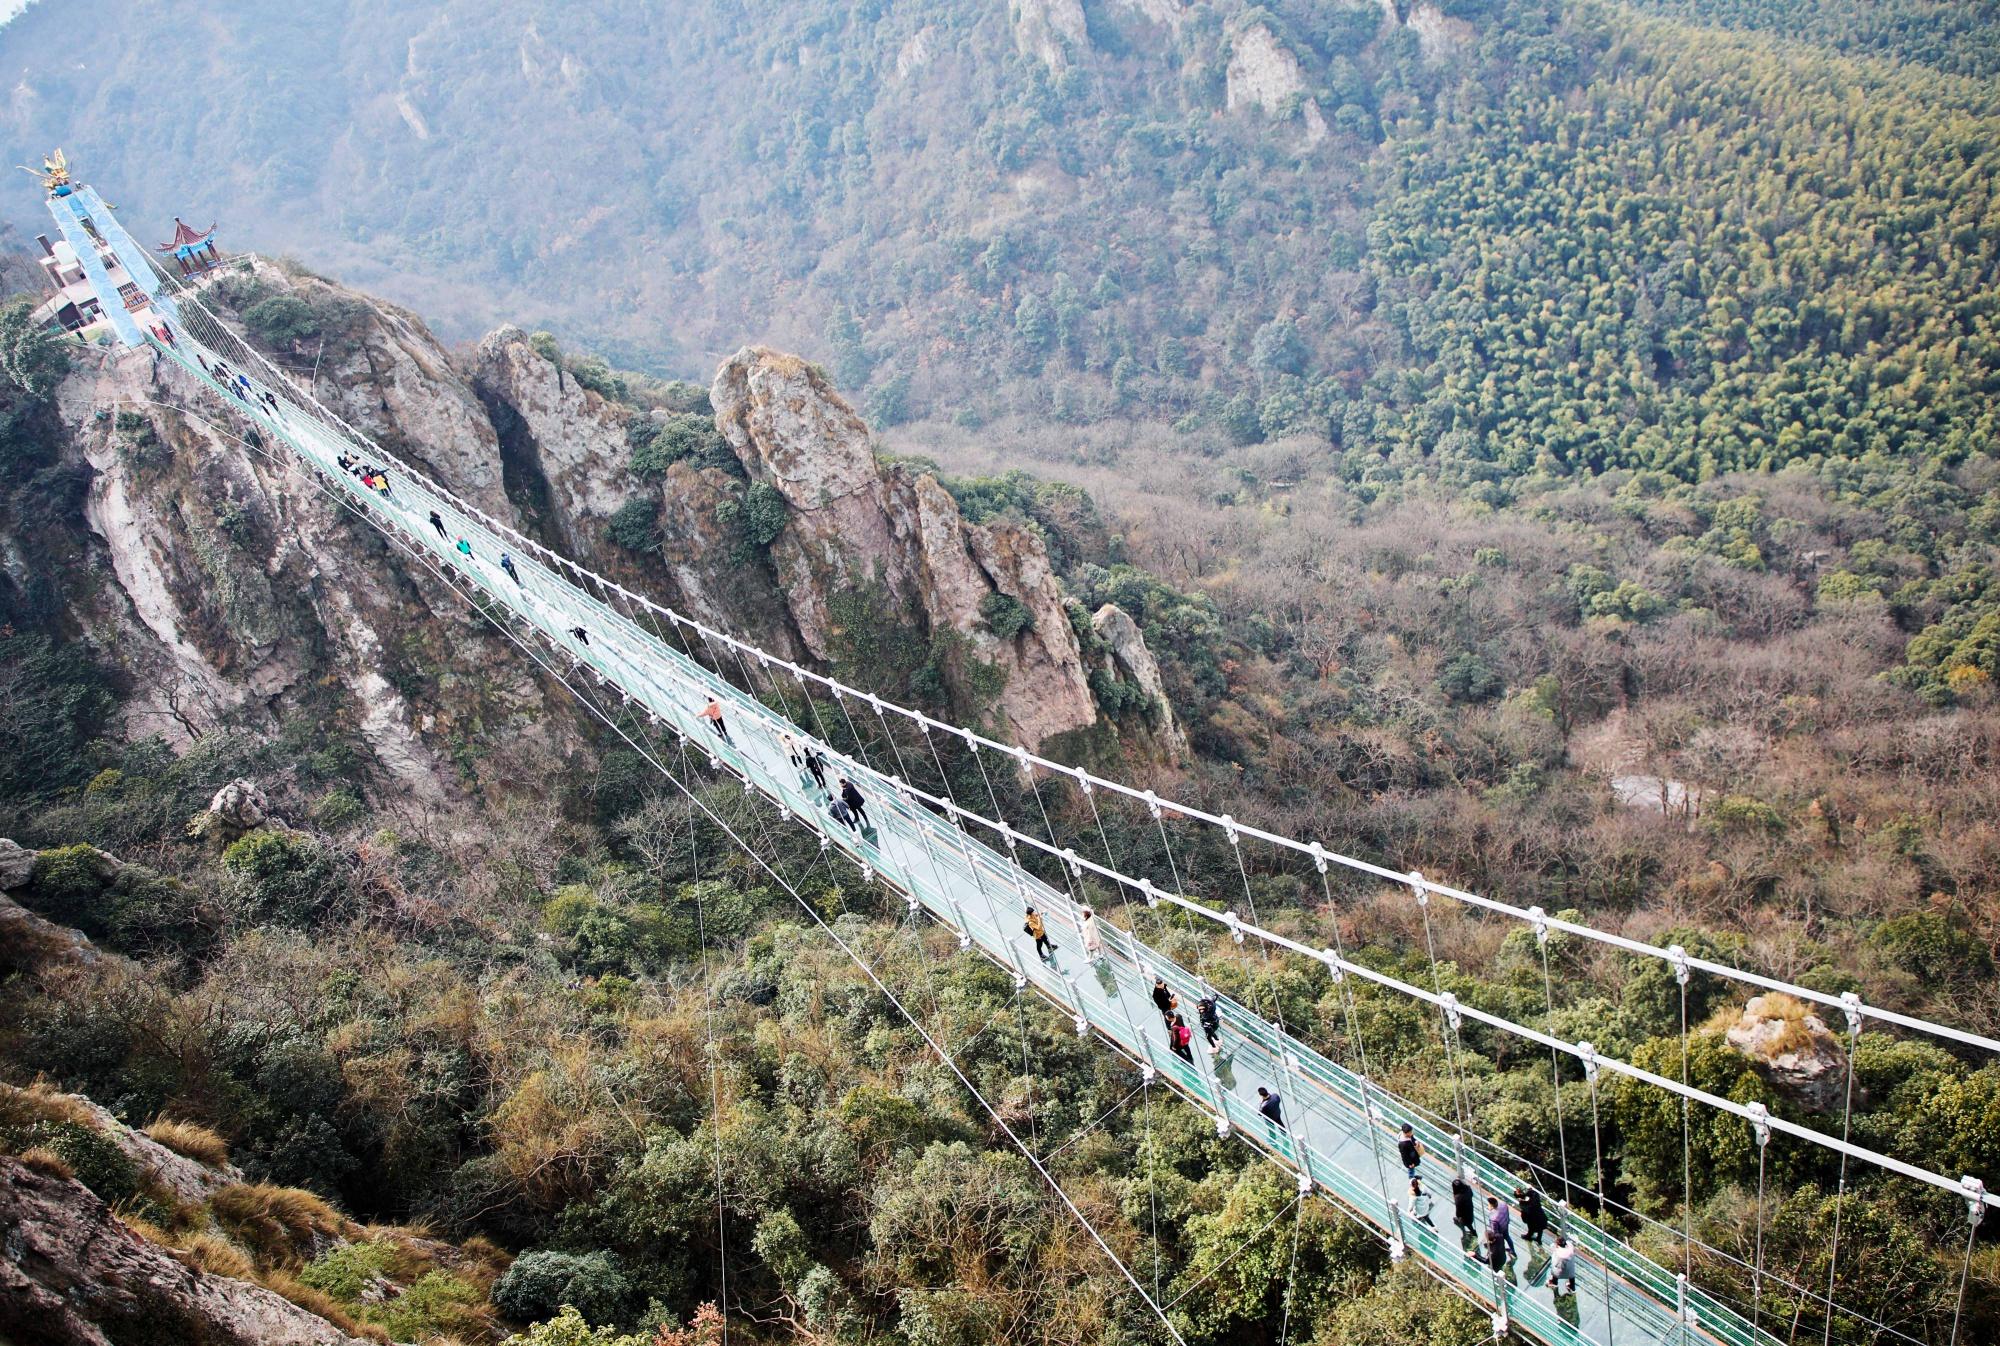 Chiny: Najdłuższy most nad przepaścią